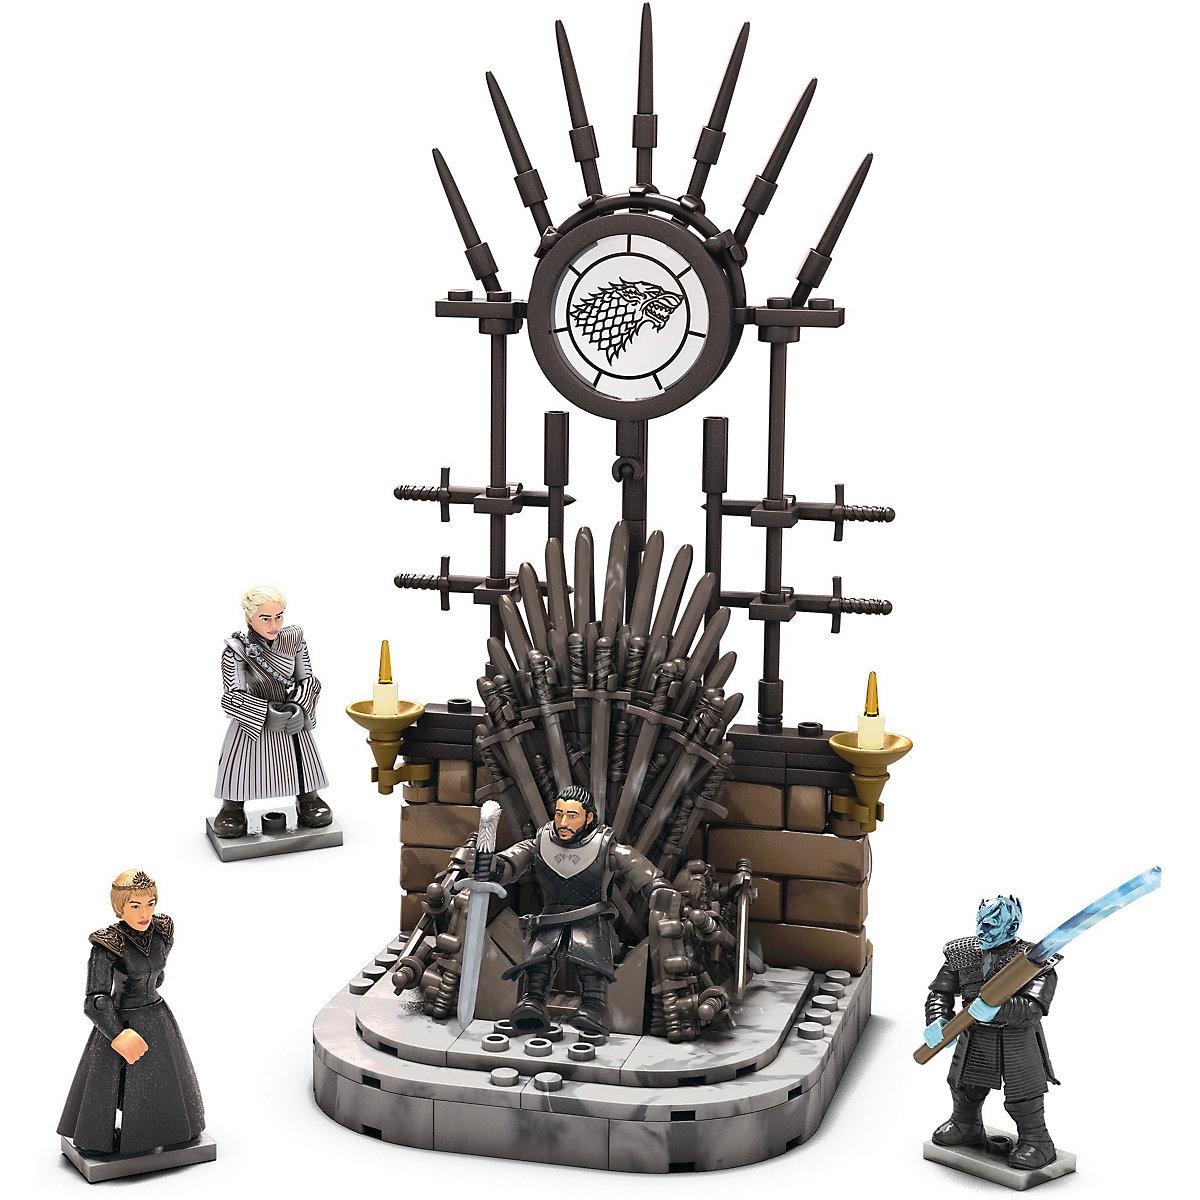 Mega Construx Probuilder Game of Thrones Der eiserne Thron Game of Thrones VTrsM